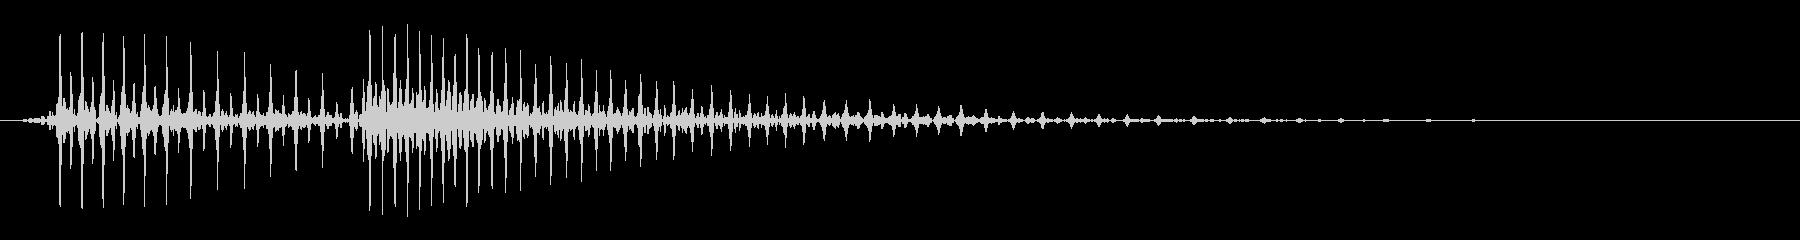 ぷんぷん怒るイメージの効果音_01の未再生の波形